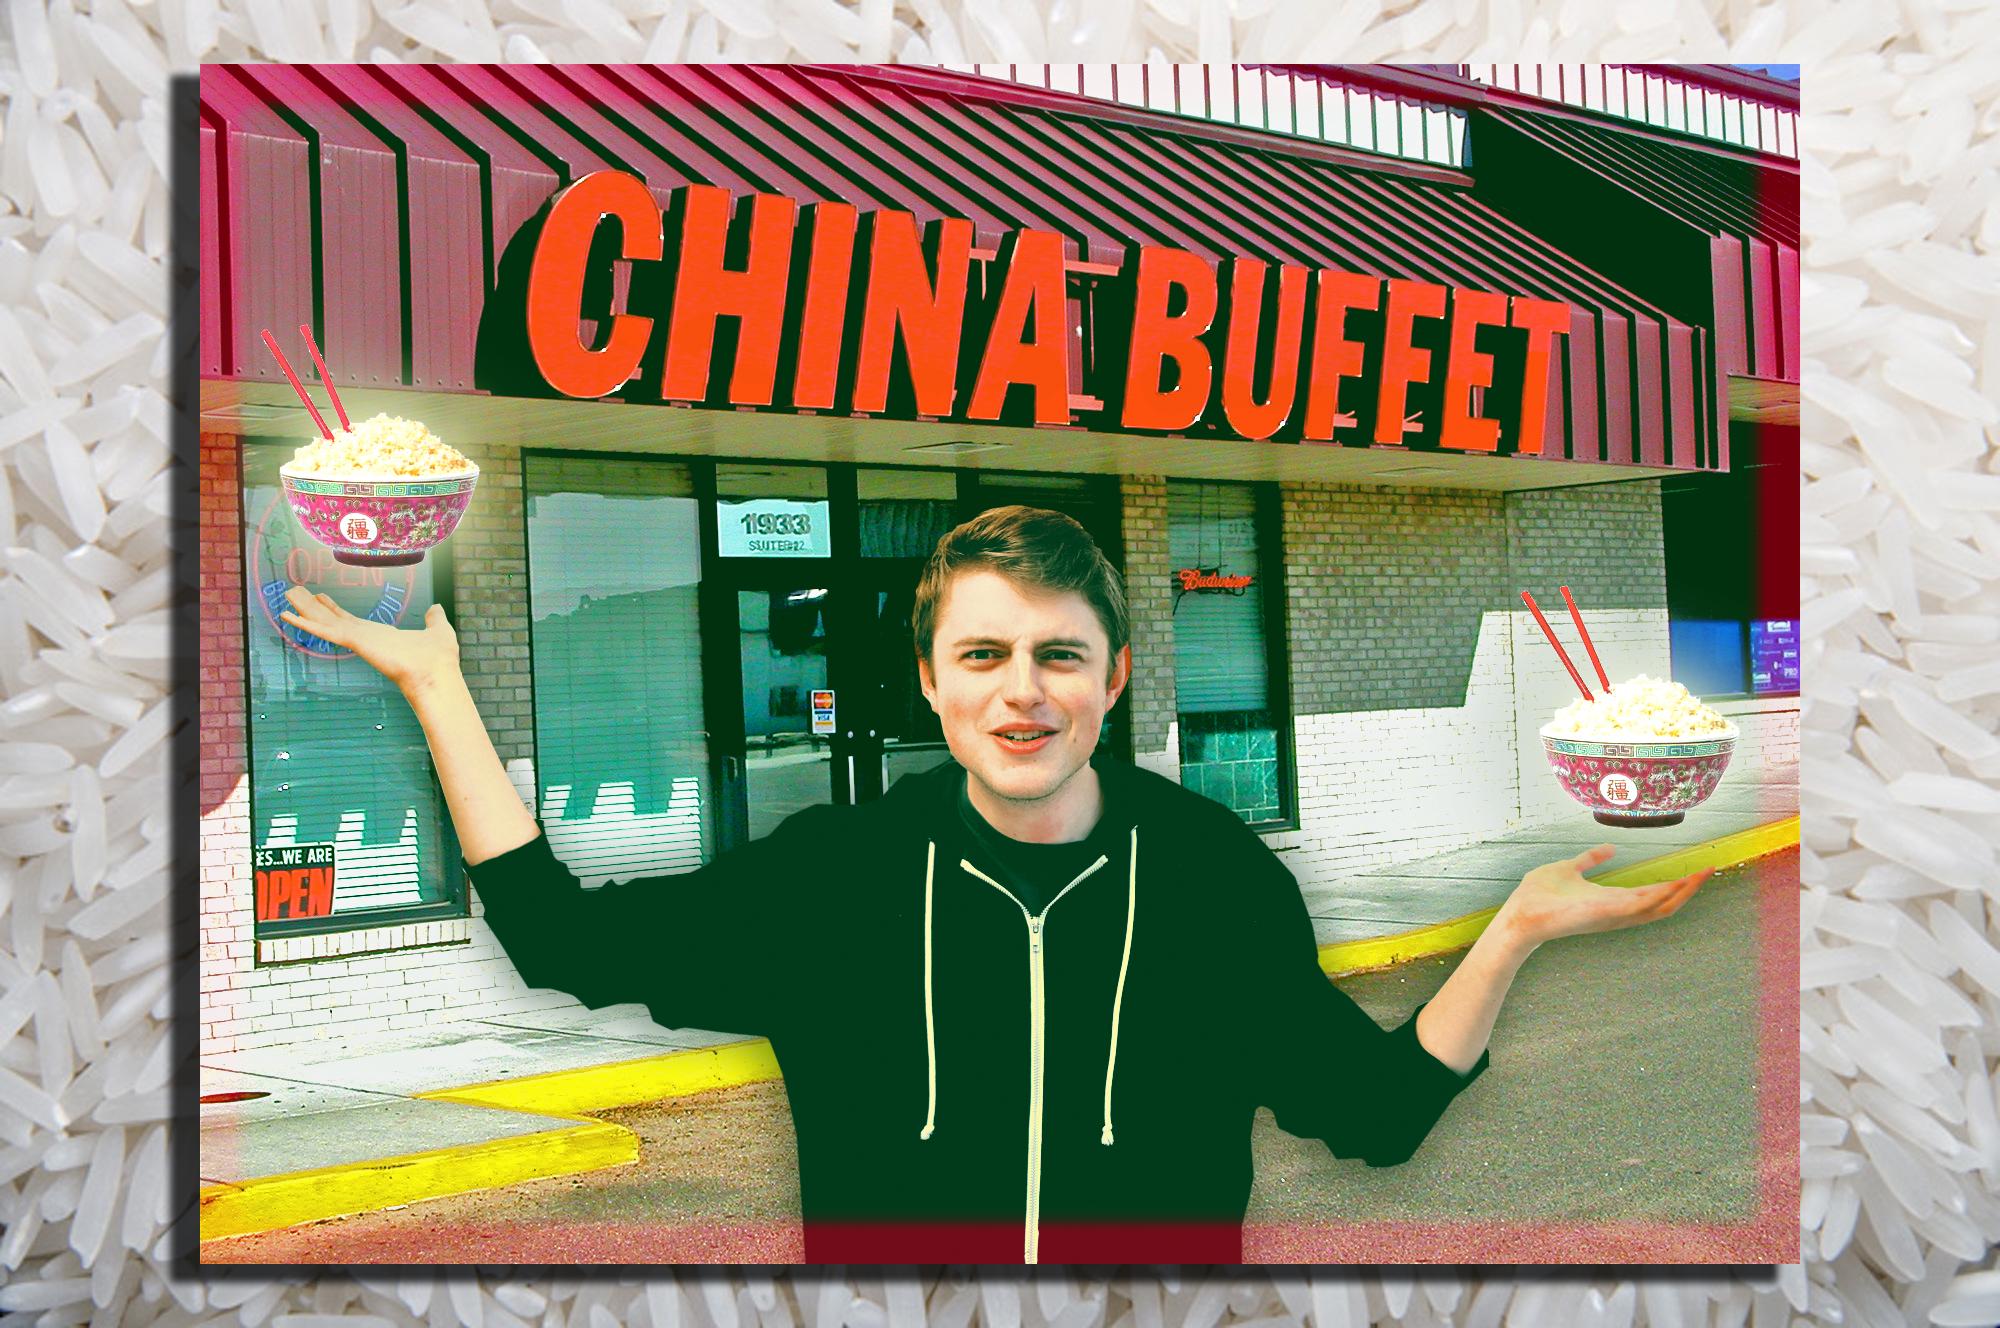 Rafael vs. rýže. Čína